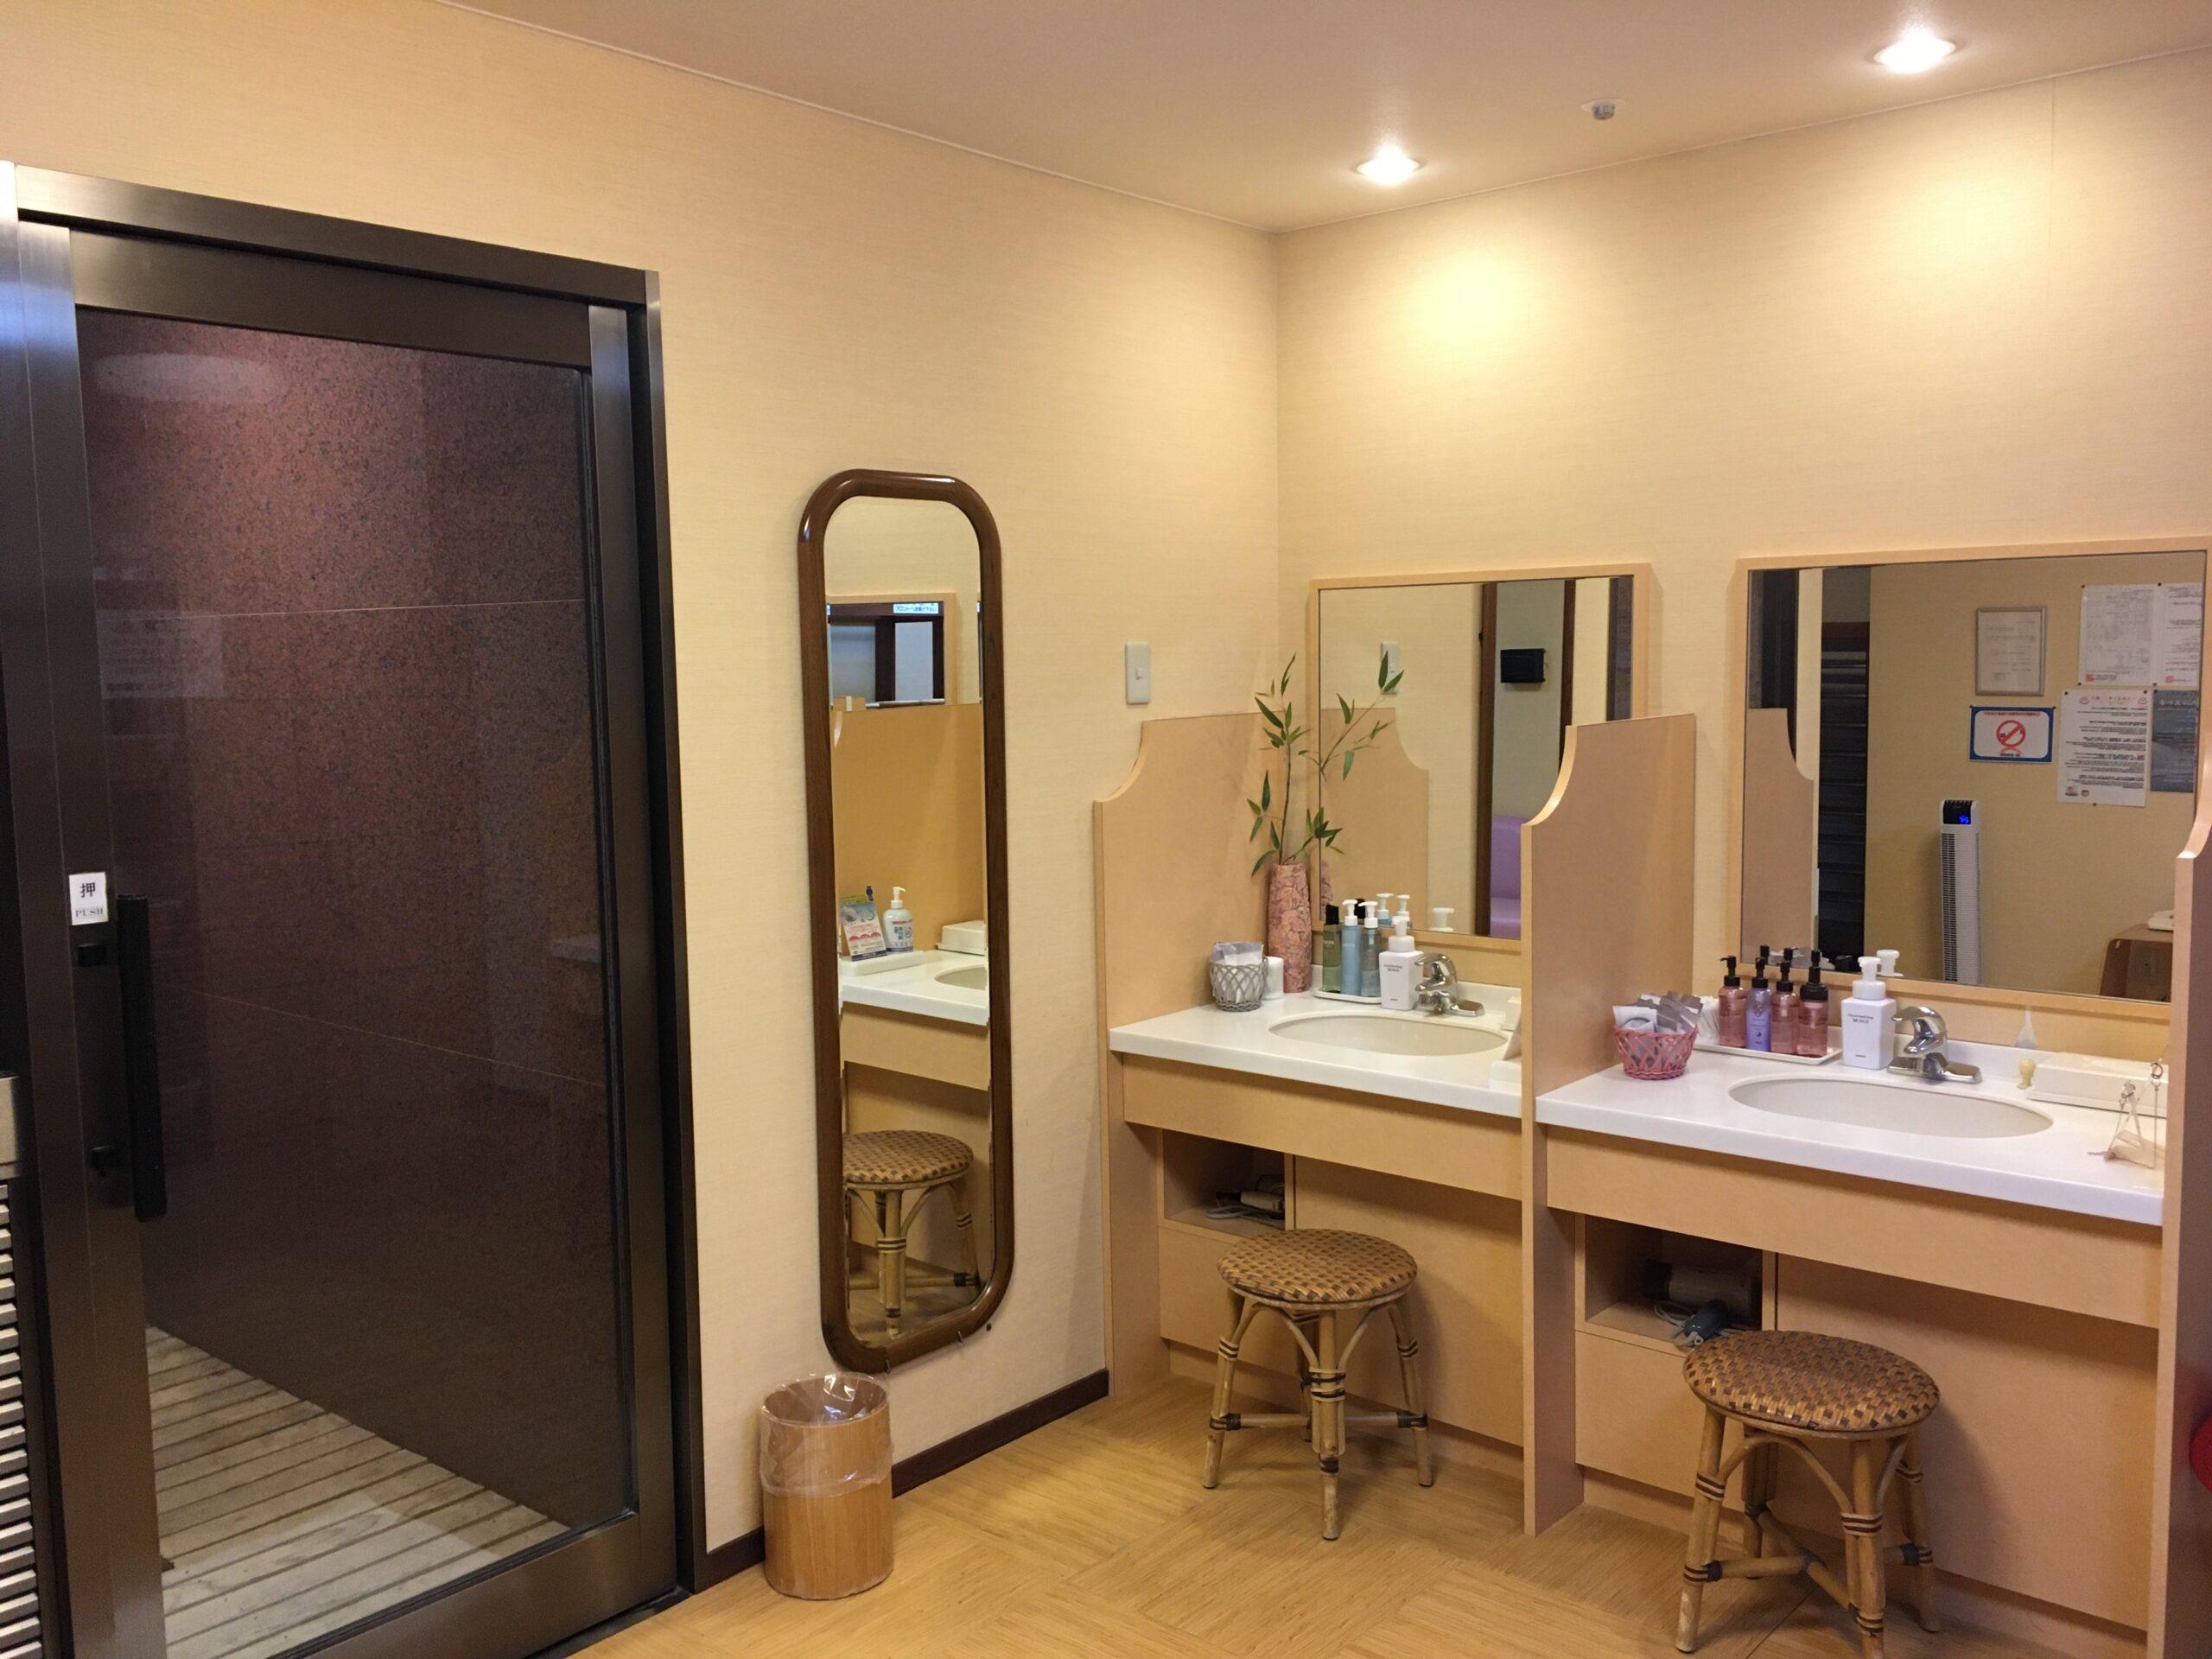 脱衣場|ニセコ昆布温泉ホテル甘露の森